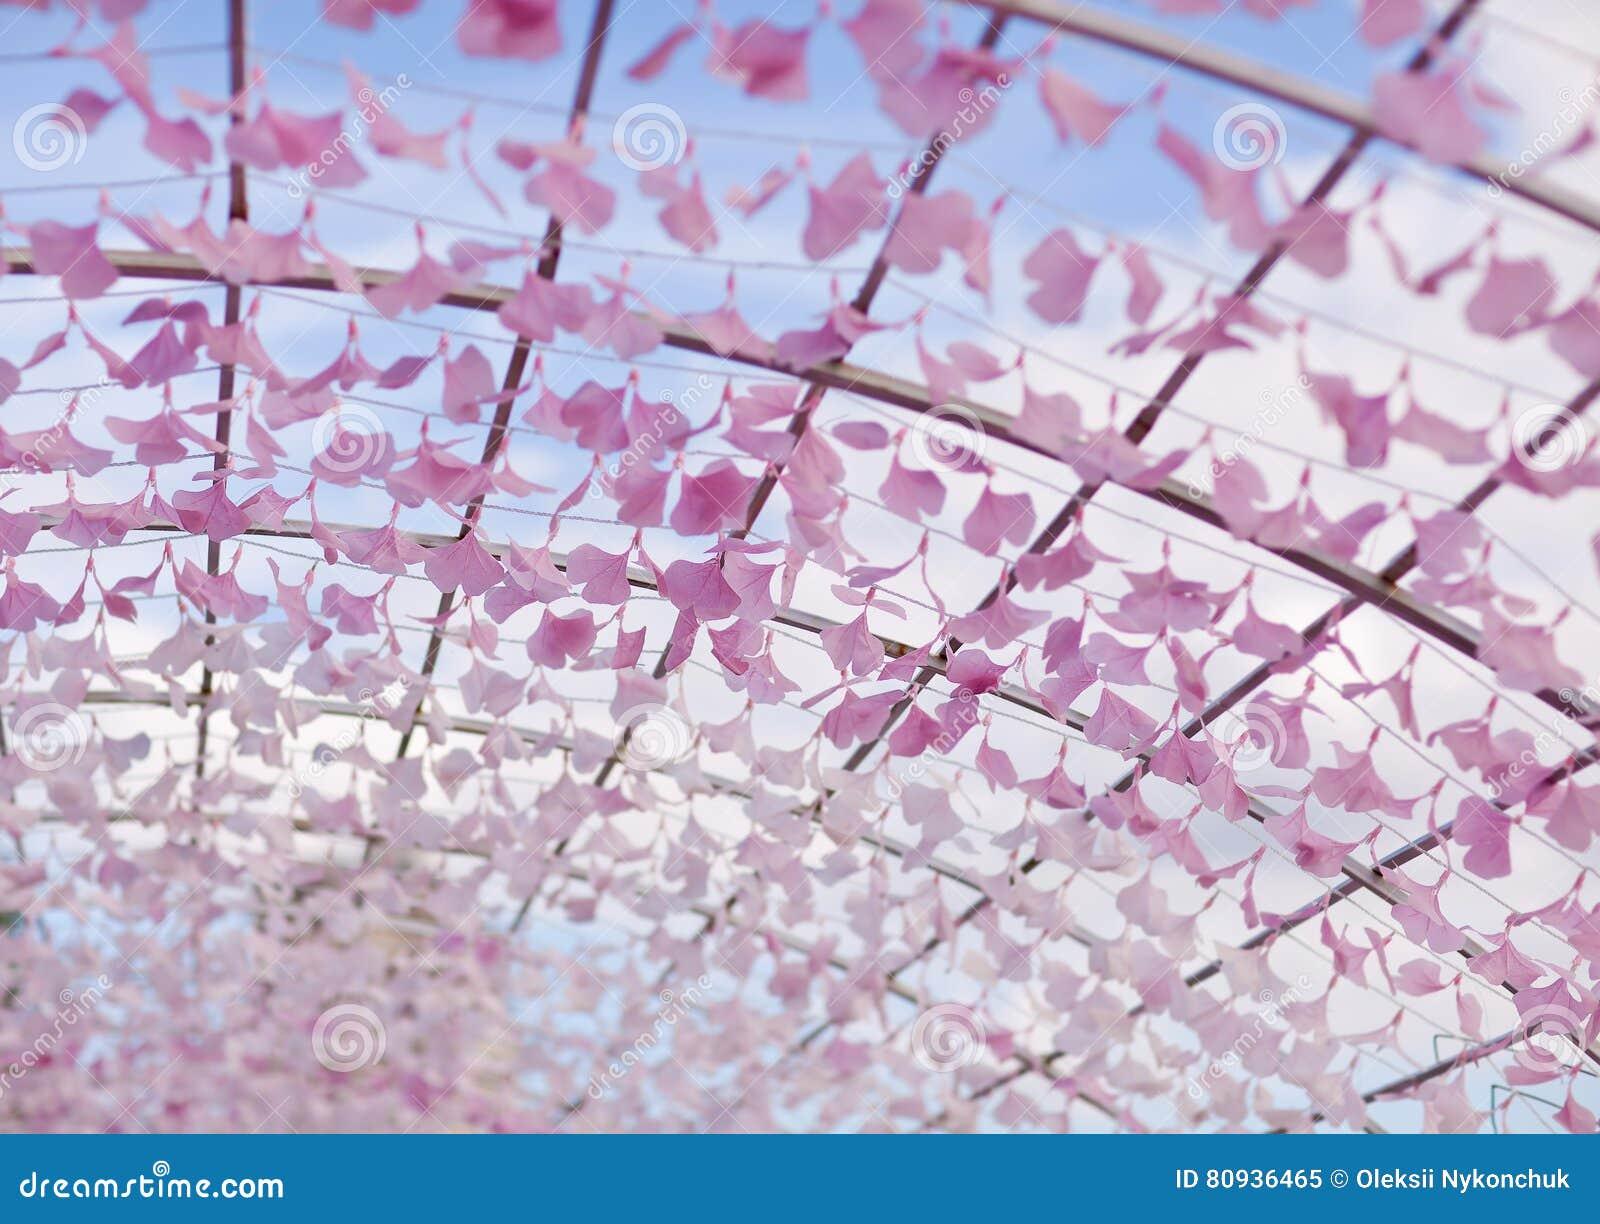 Installation d art sous forme de voûte avec des pétales de fleur fragment astana